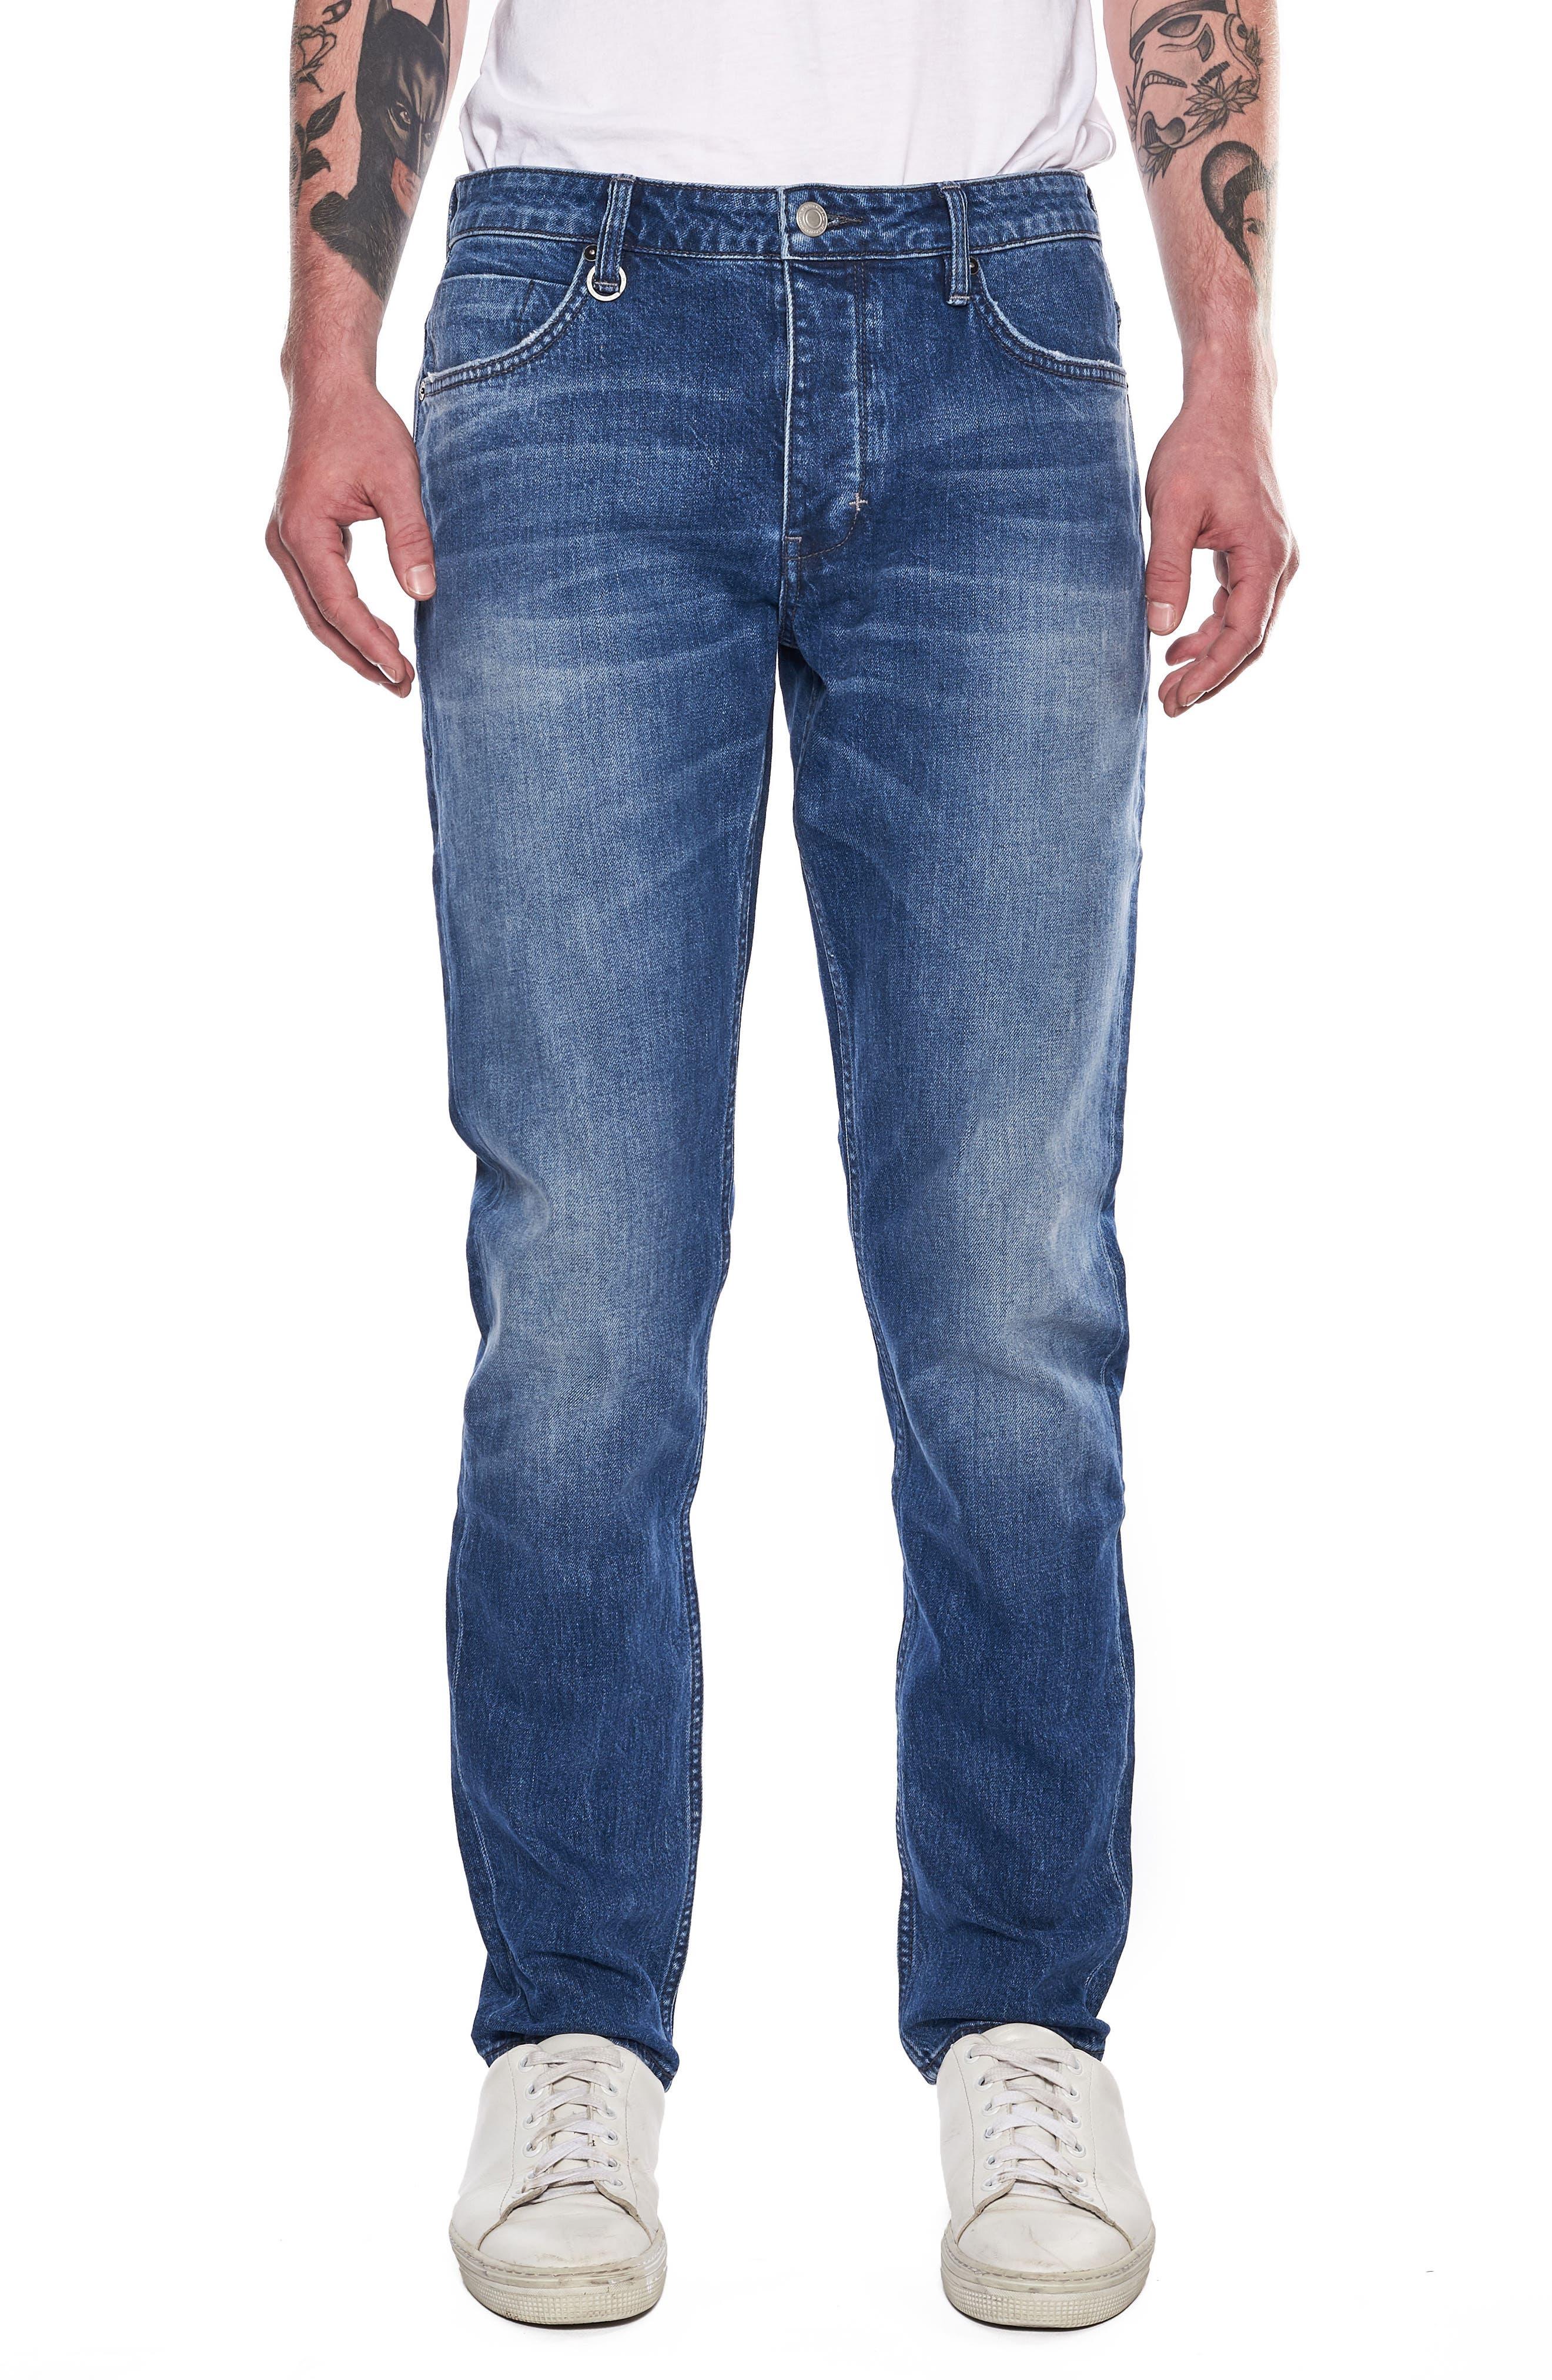 Lou Slim Fit Jeans,                             Main thumbnail 1, color,                             Club